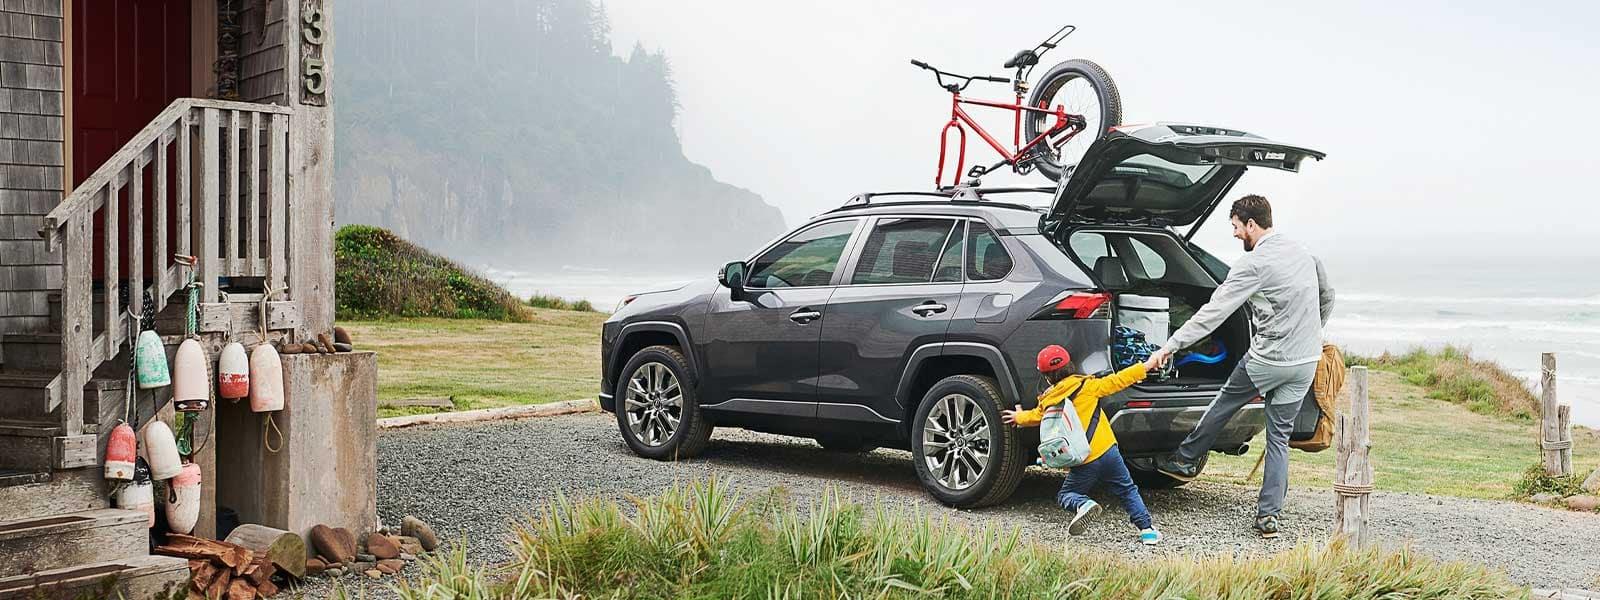 Buy new 2021 Toyota RAV4 in Stanleytown Virginia